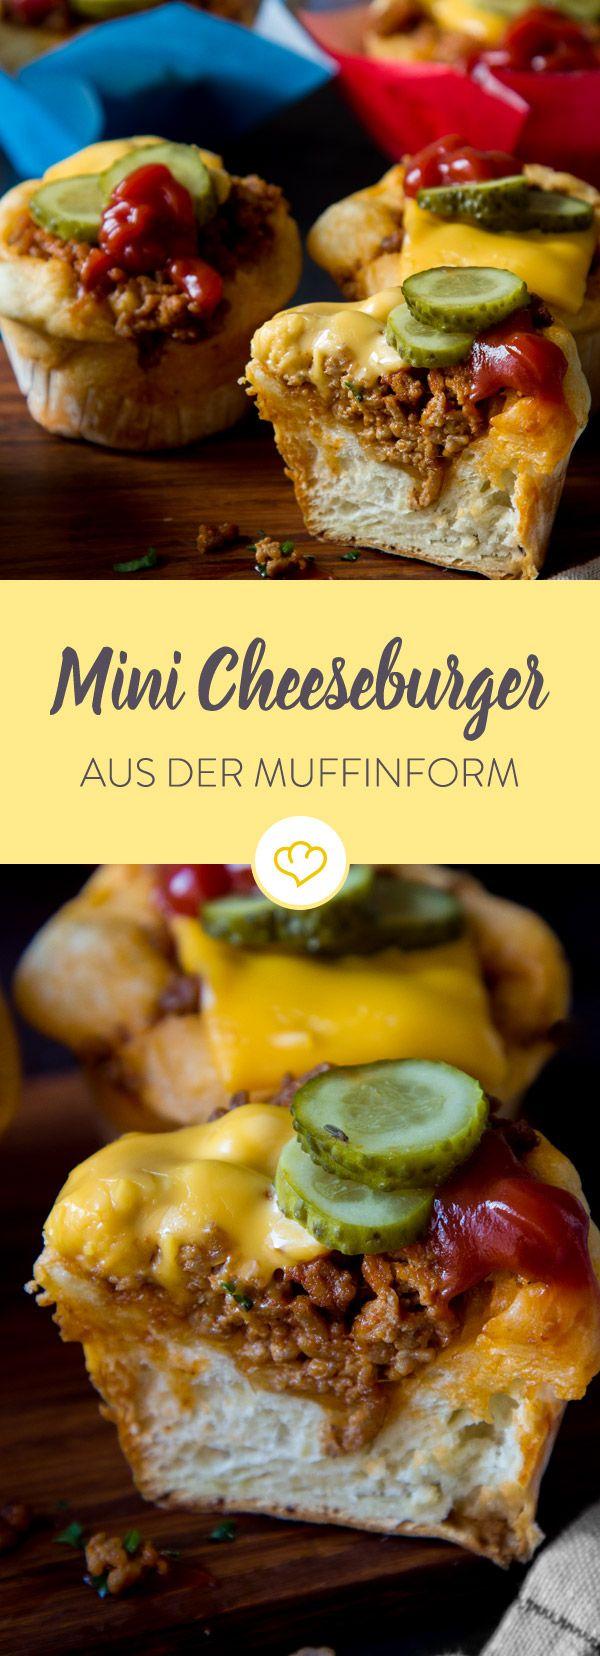 Mach den US-Klassiker doch mal in der Muffinform: Einfach Aufbackteig mit Hackfleisch, Gurken und Käse belegen und fertig sind deine Mini Cheeseburger.